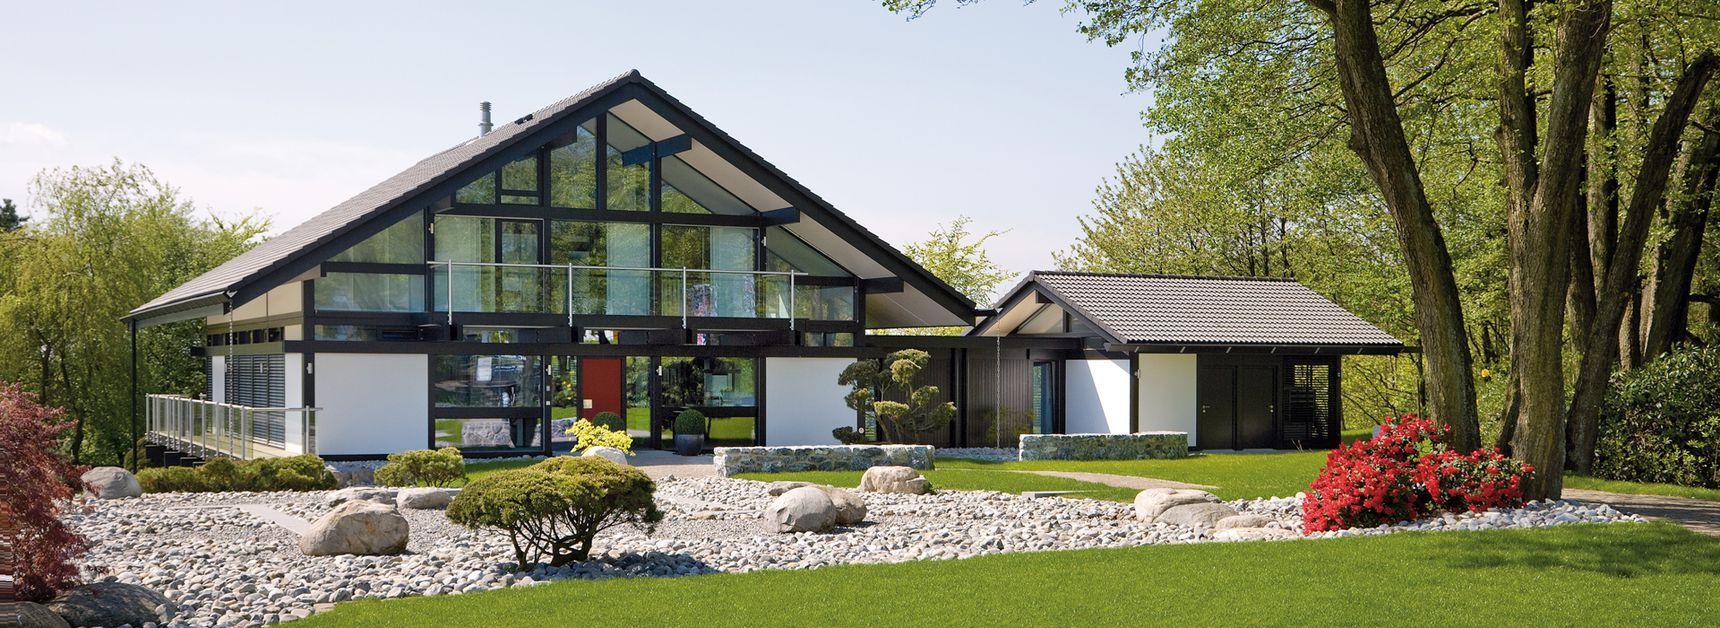 Huf Haus Grundriss projektbeispiel huf haus 5 modernes fachwerkhaus fertighaus